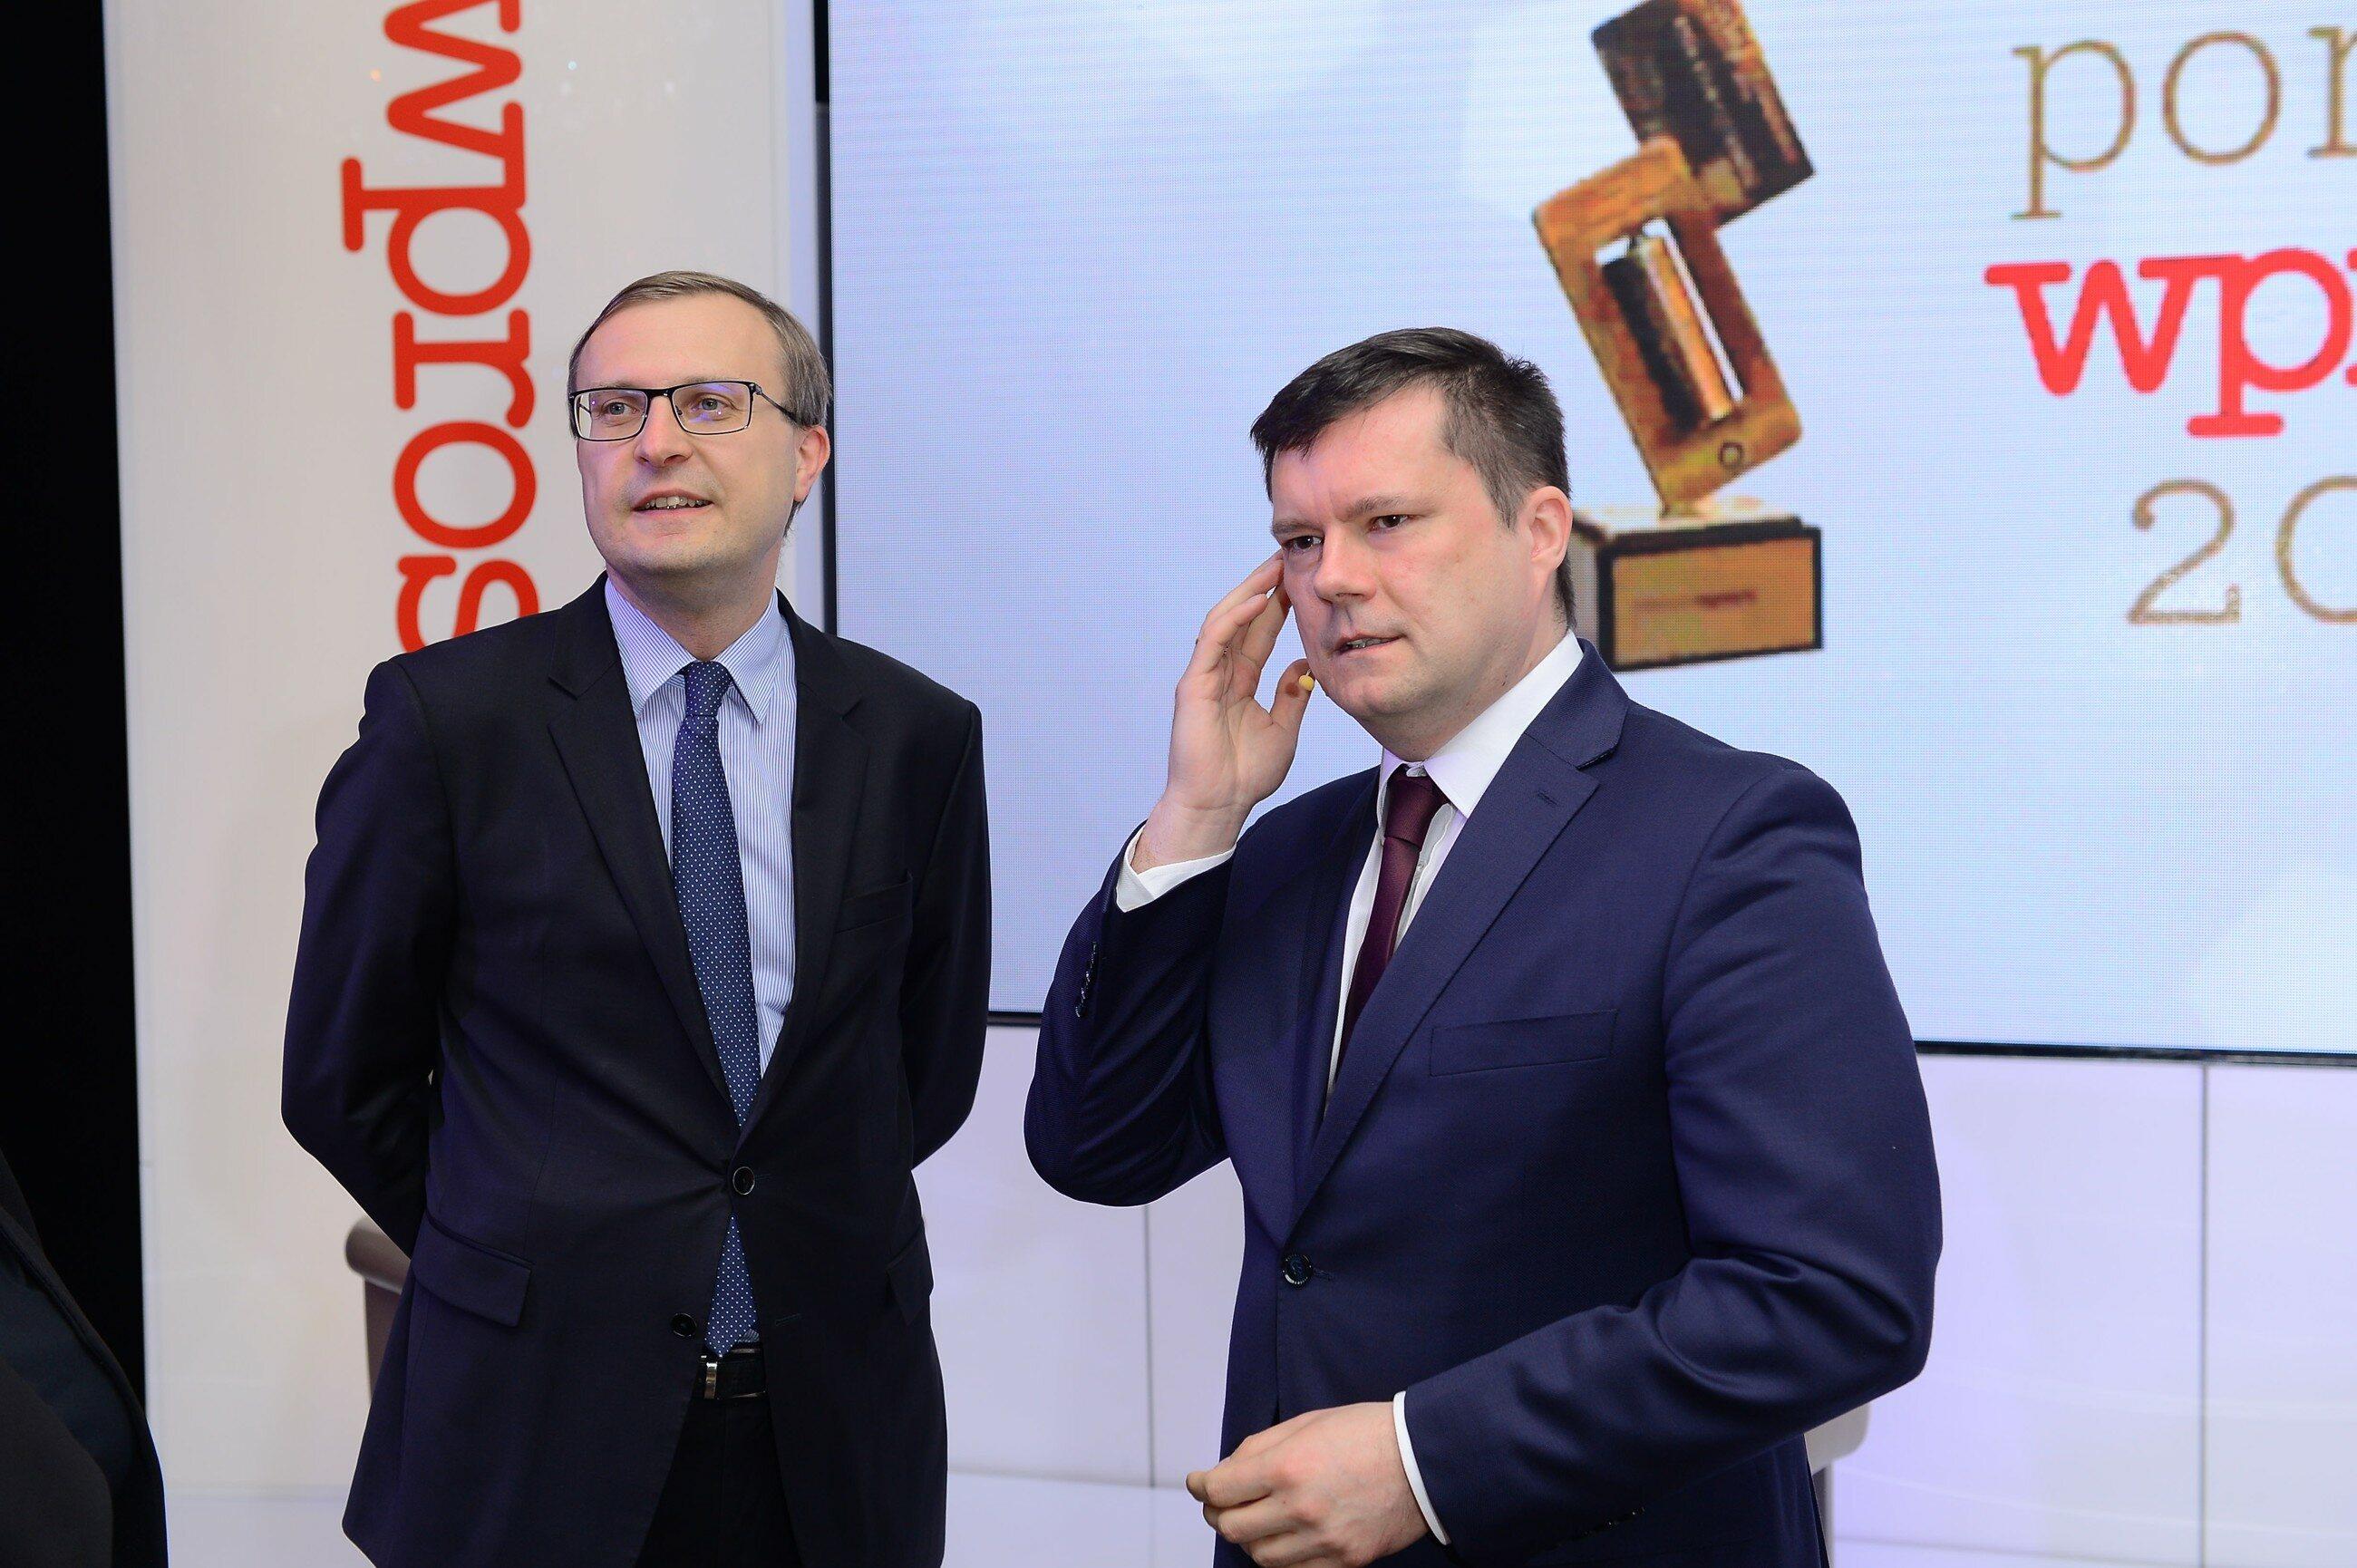 """Jacek Pochłopień i Paweł Borys Jacek Pochłopień i Paweł Borys przed rozpoczęciem gali Portfeli """"Wprost"""""""